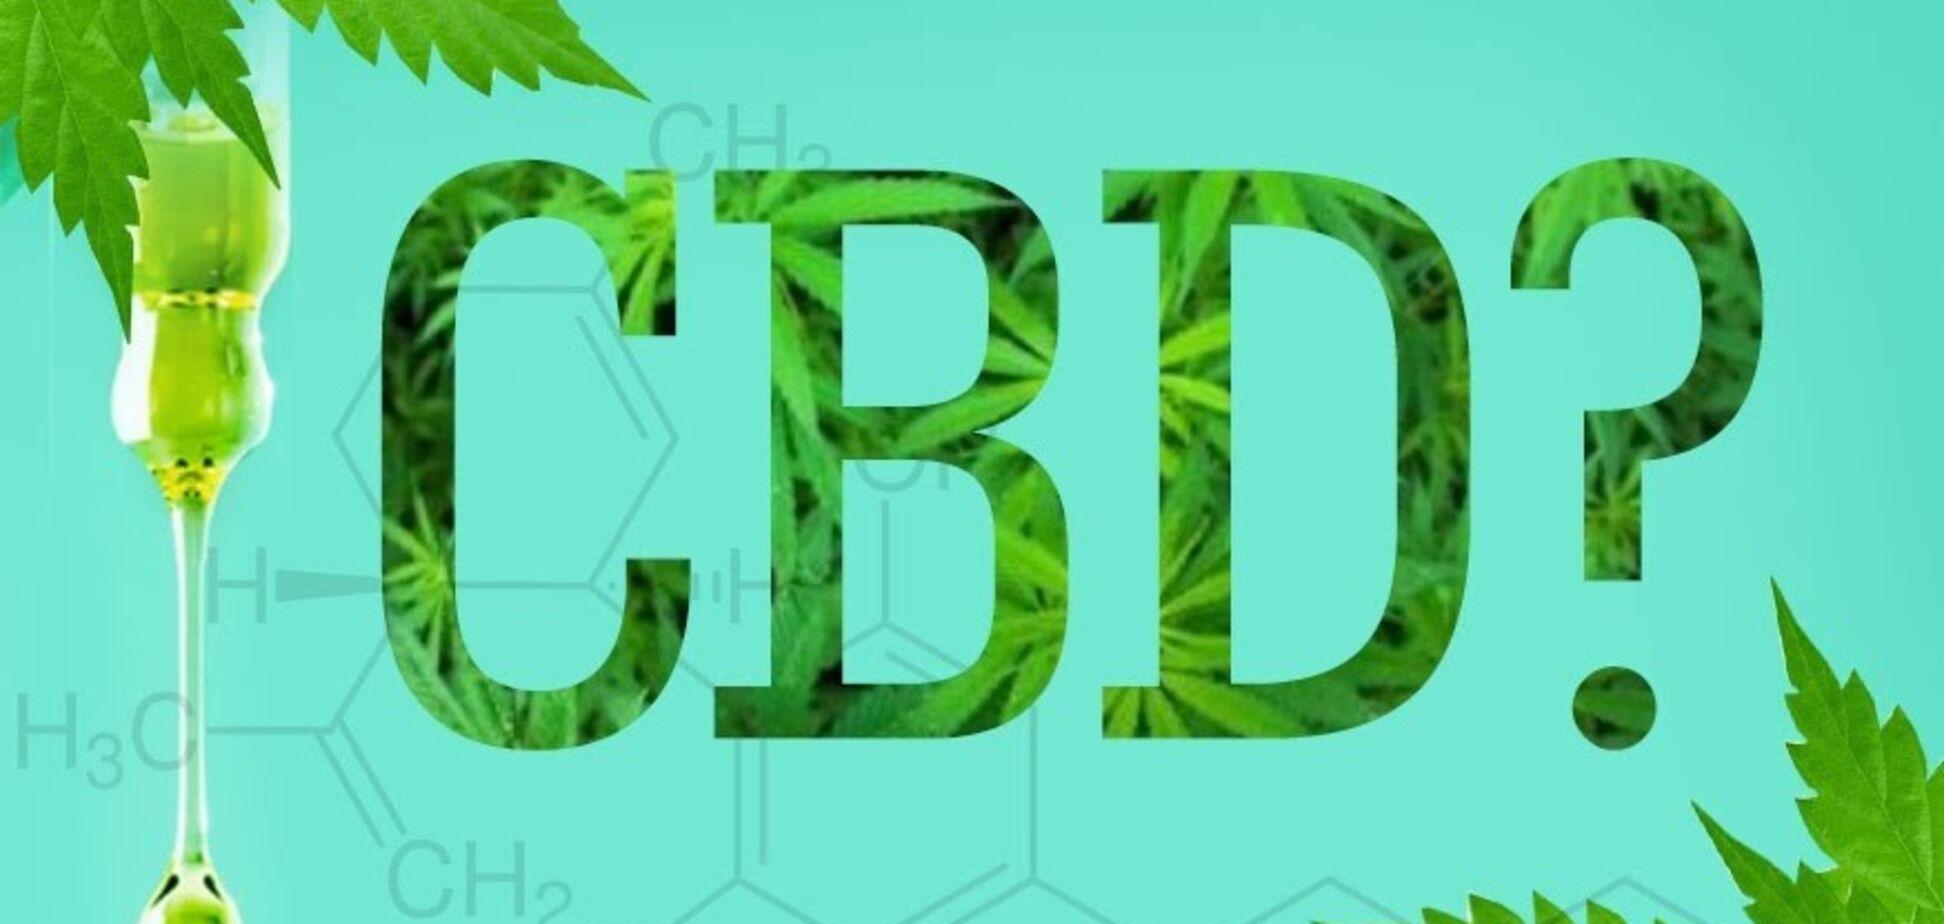 Что такое КБД и зачем его изучают